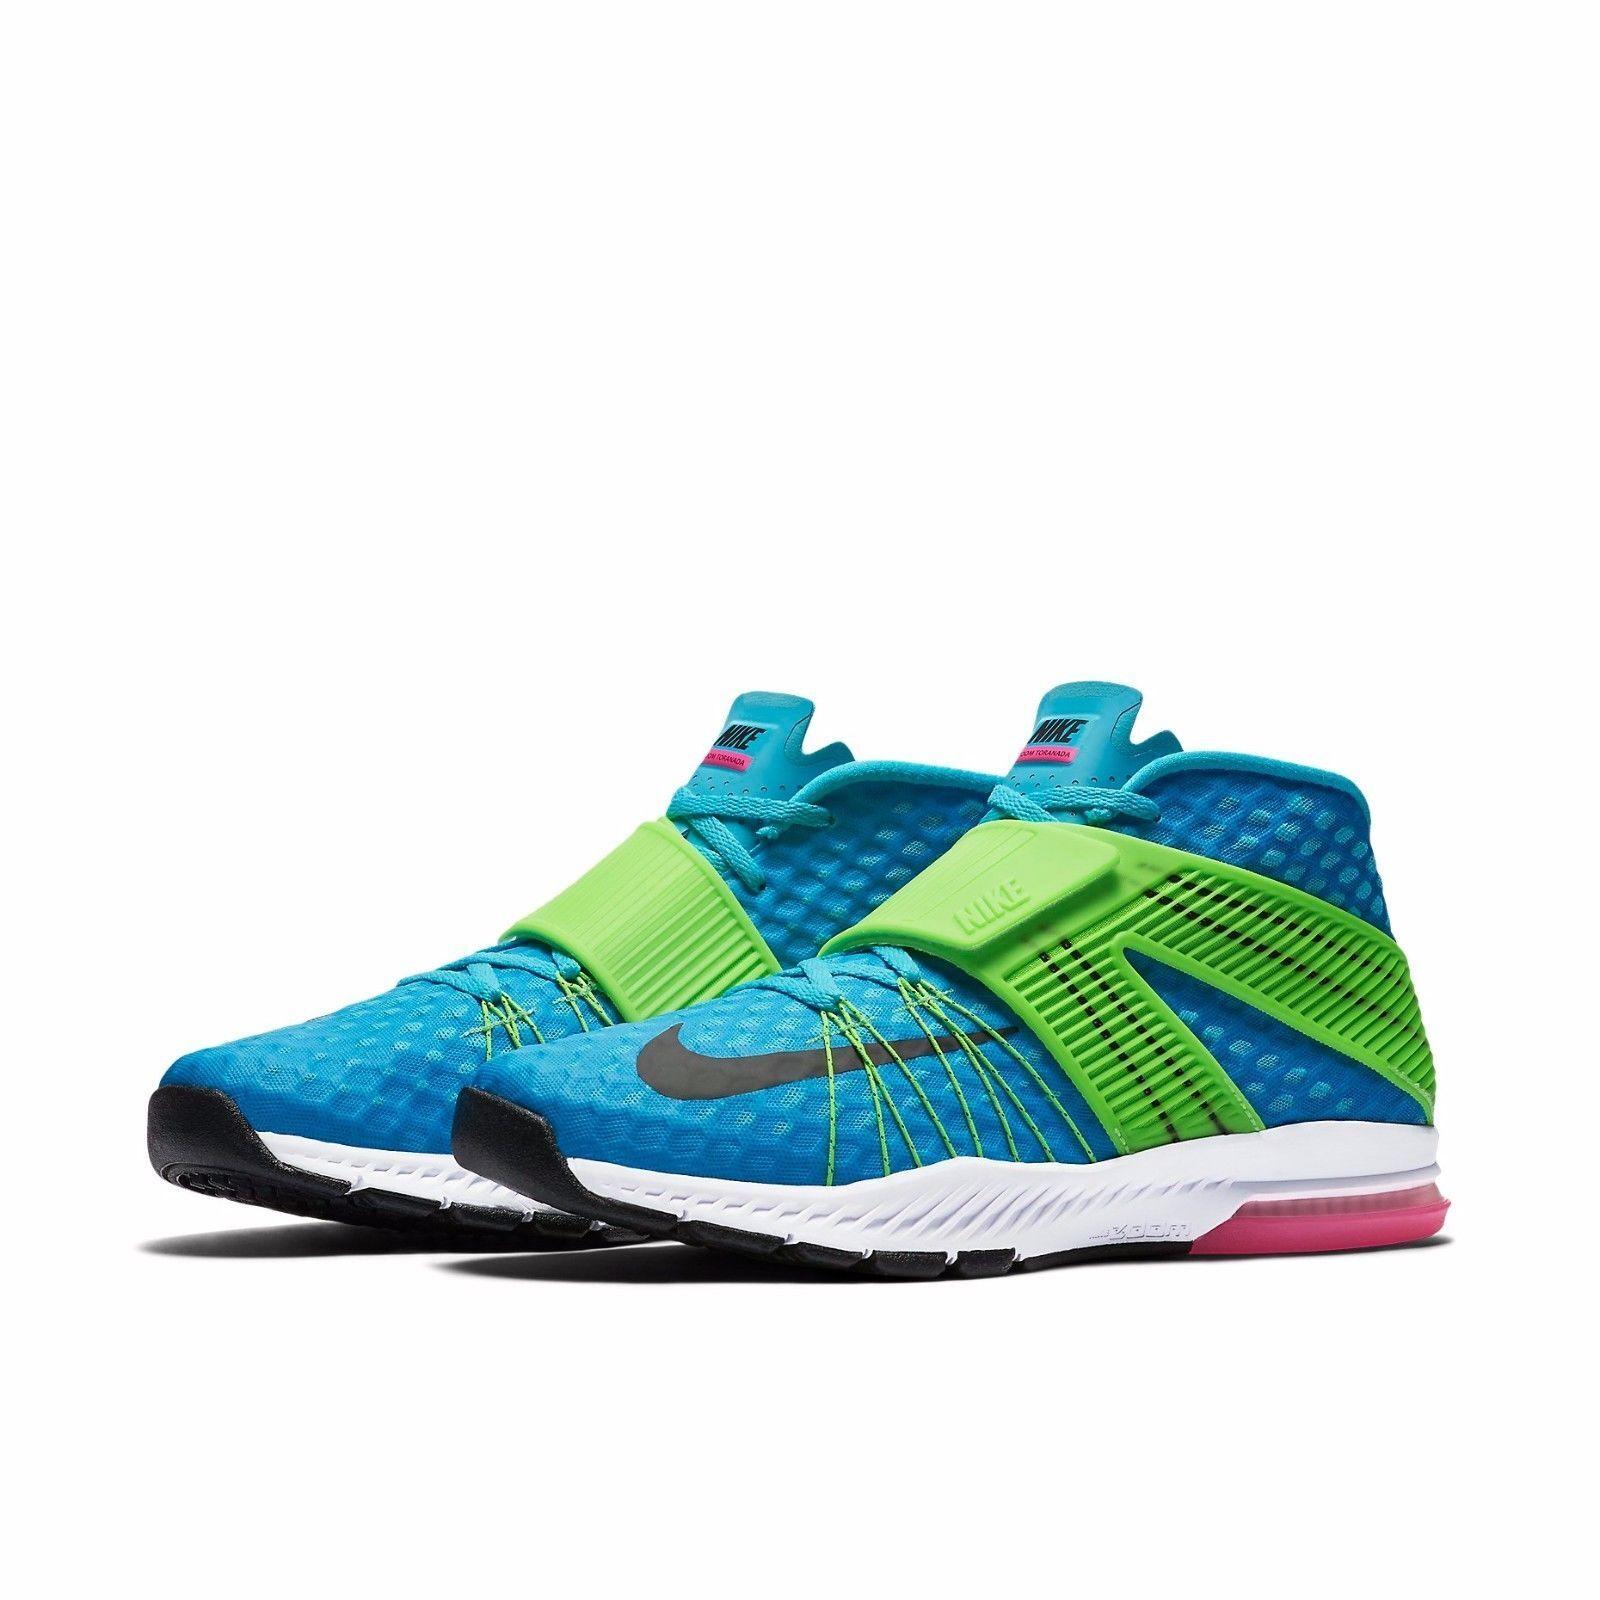 Los hombres de Nike Zoom tren / toranada Azul / verde / tren rosa / blanco 835657-403 super Fit reducción de precio c95a6a